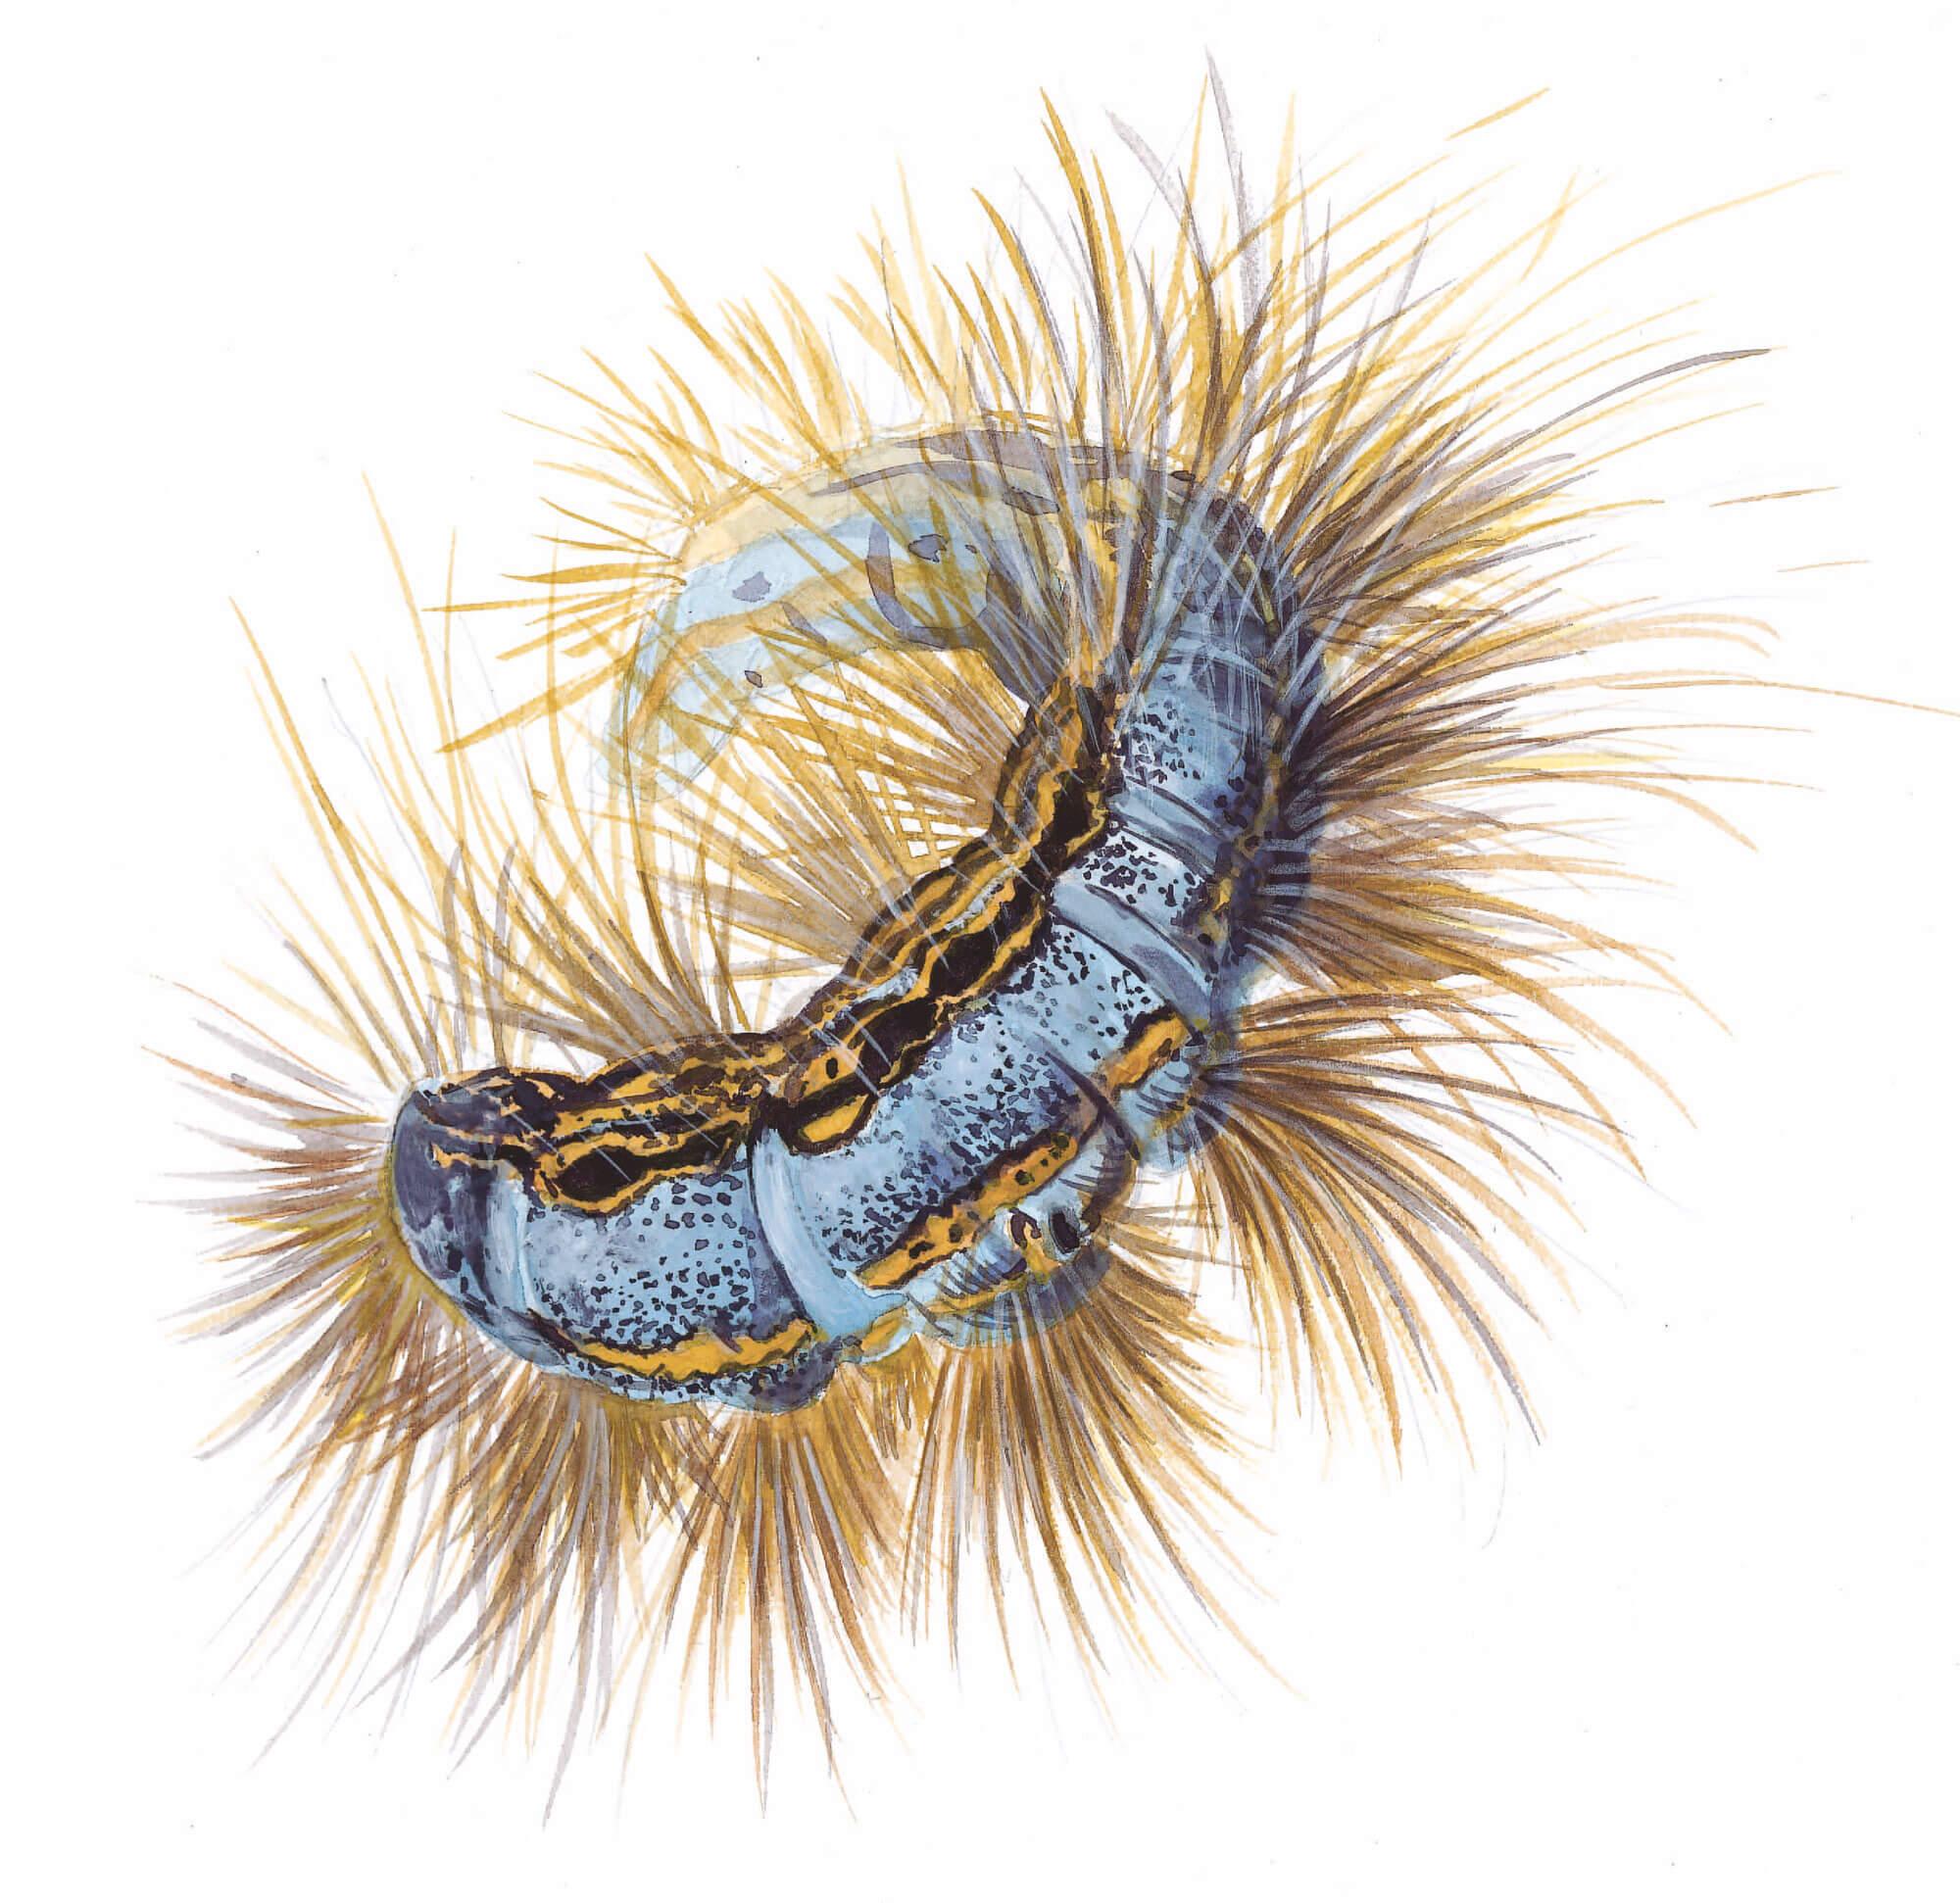 Service de nuit pour le hérisson - La Salamandre dessin